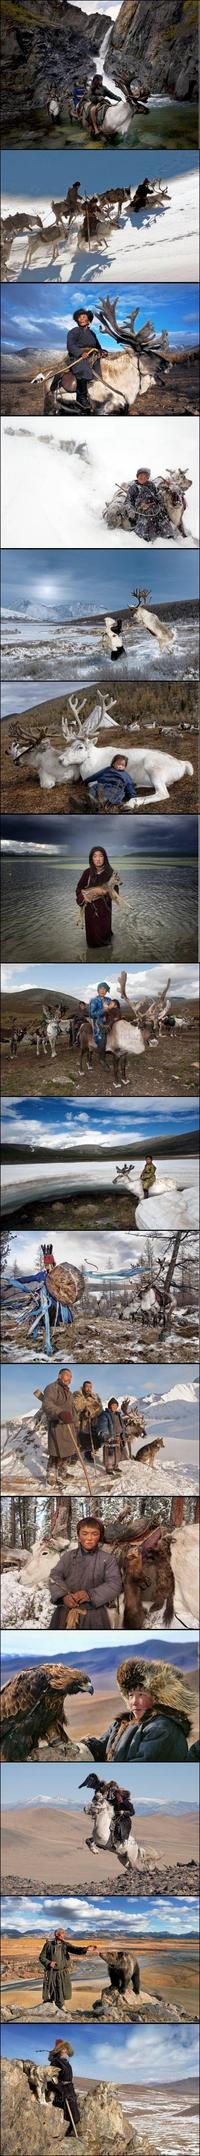 Photos de la tribu Dukha, des steppes nord-mongoliennes